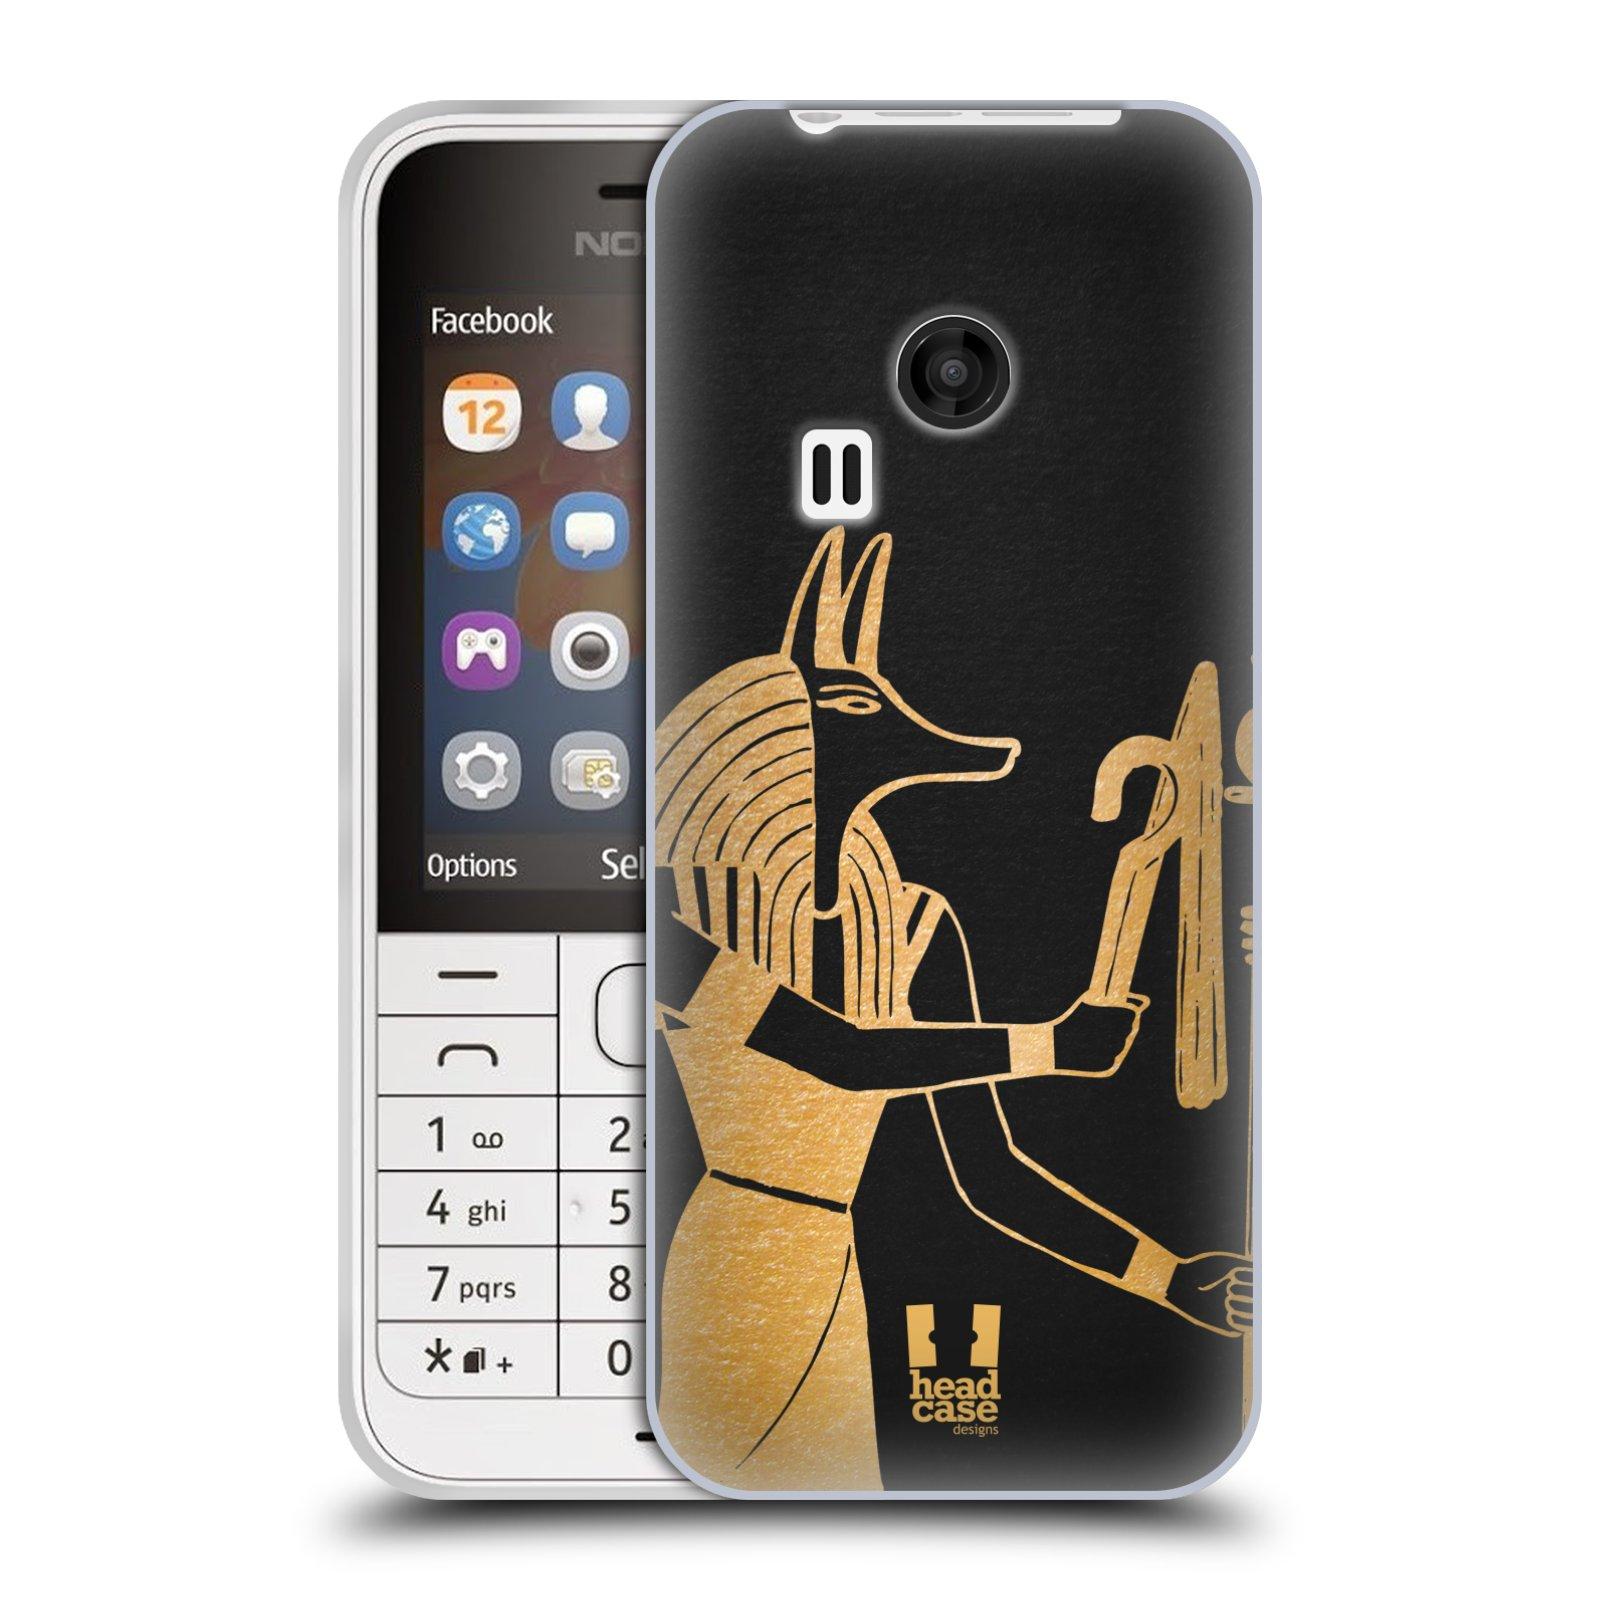 Silikonové pouzdro na mobil Nokia 220 HEAD CASE EGYPT ANUBIS (Silikonový kryt či obal na mobilní telefon Nokia 220 a 220 Dual SIM)